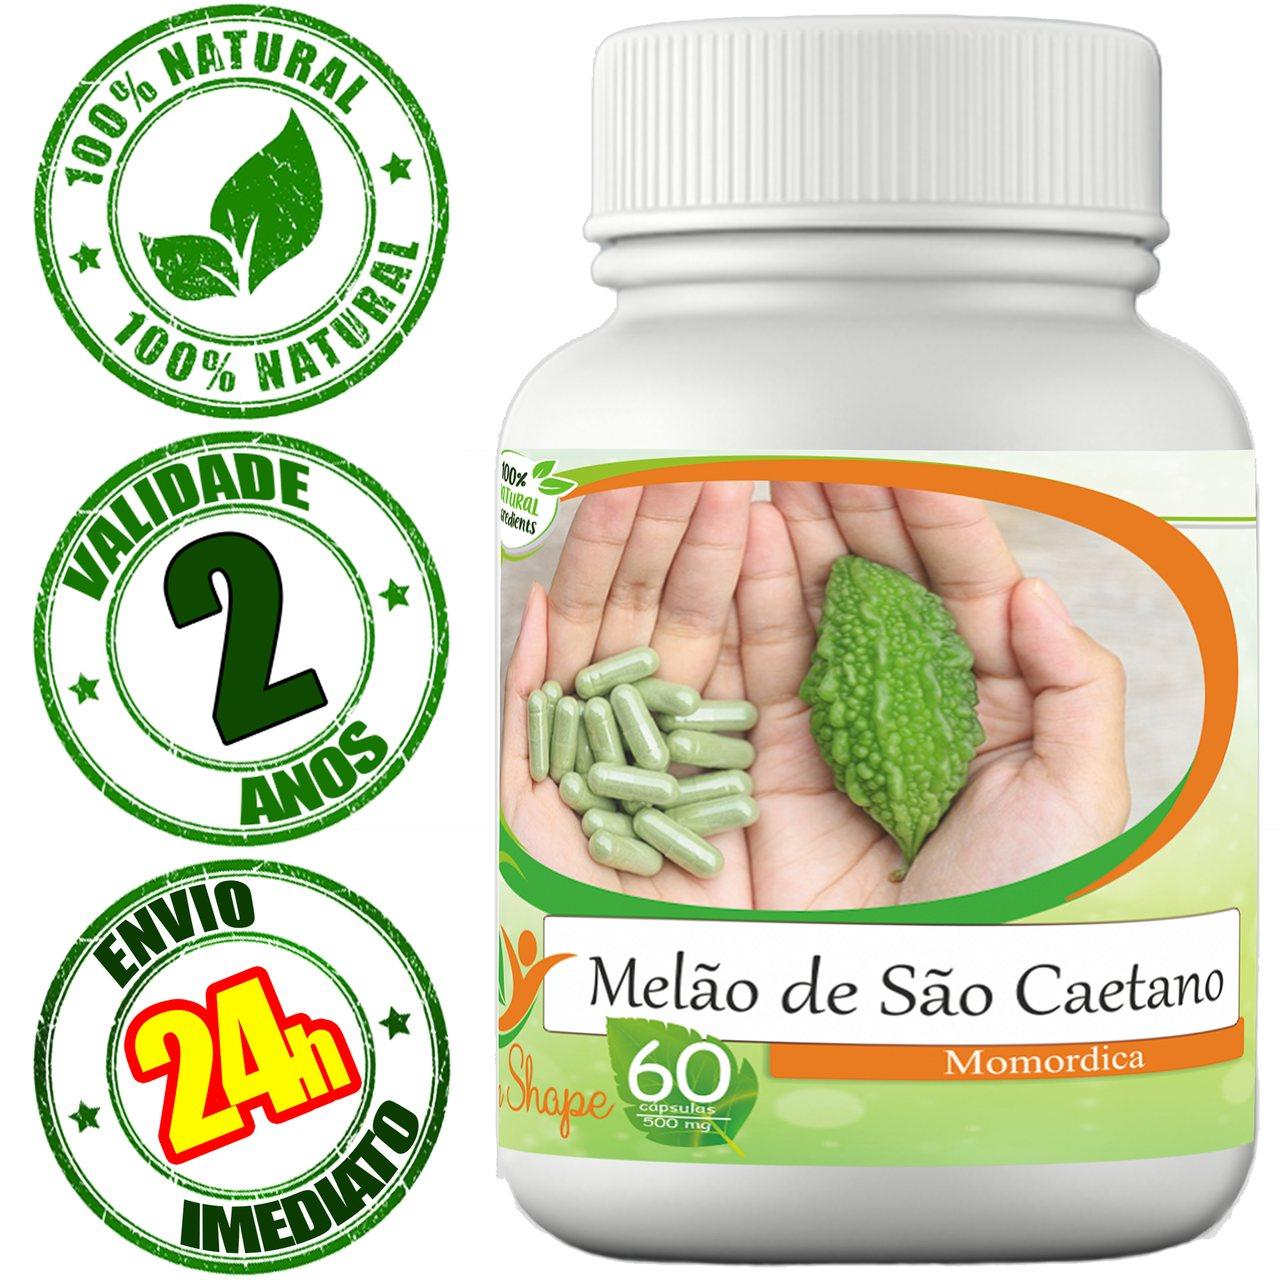 5 frascos de Melão de São Caetano 60 cápsulas cada frasco